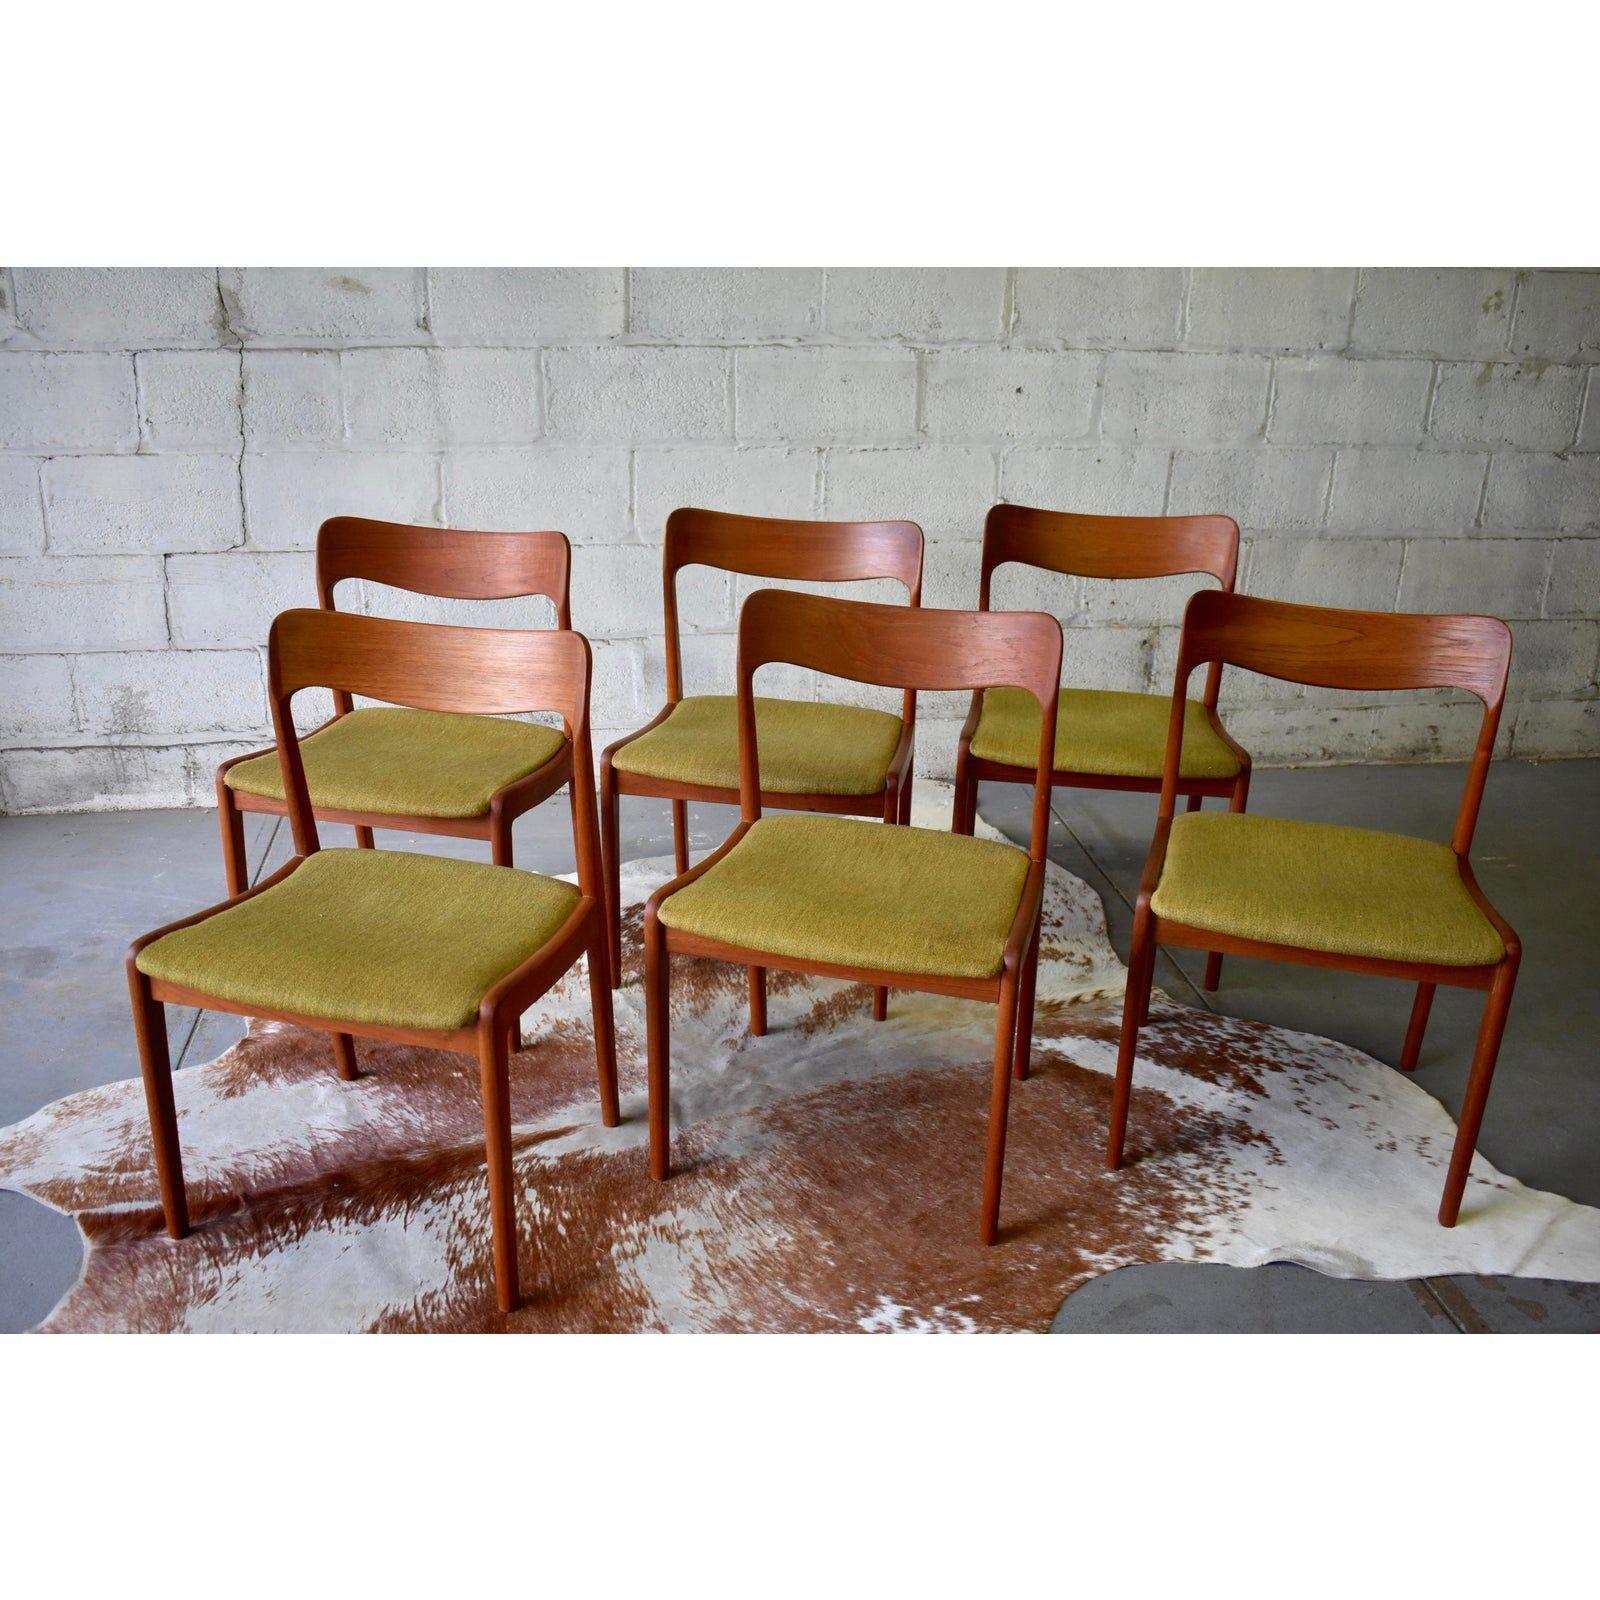 Danish Mid Century Modern Teak Dining Chairs, Set/8  Chairish